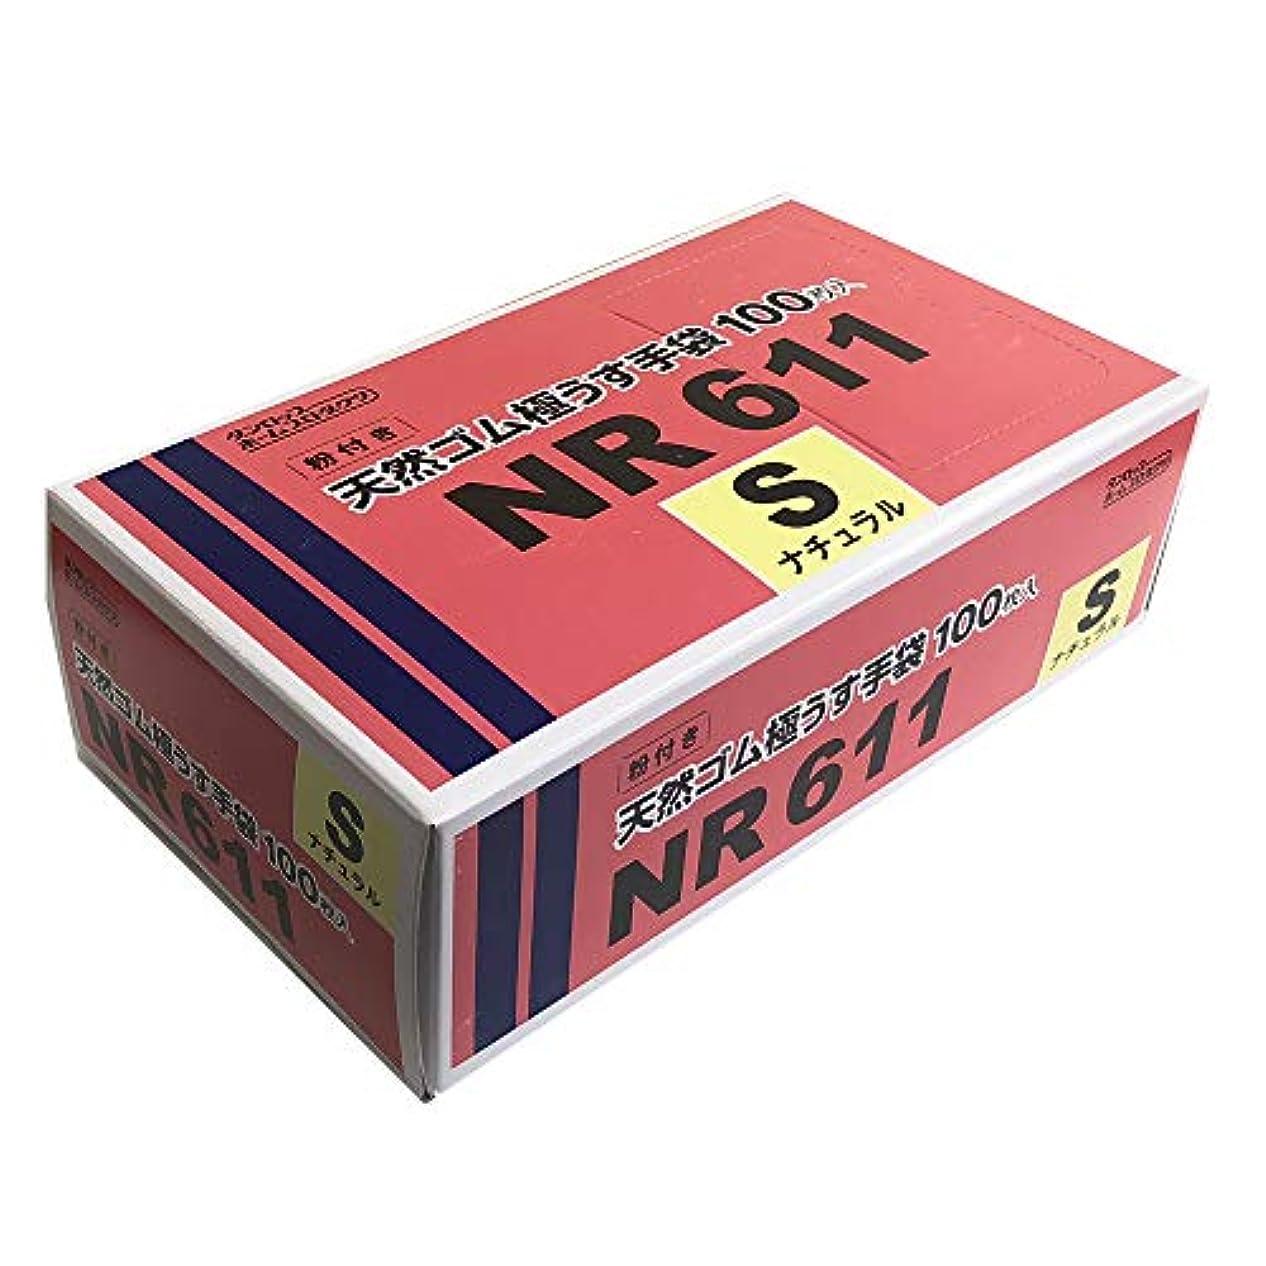 自転車バズ申請者DP NR611 粉付天然ゴム極薄手袋S-N